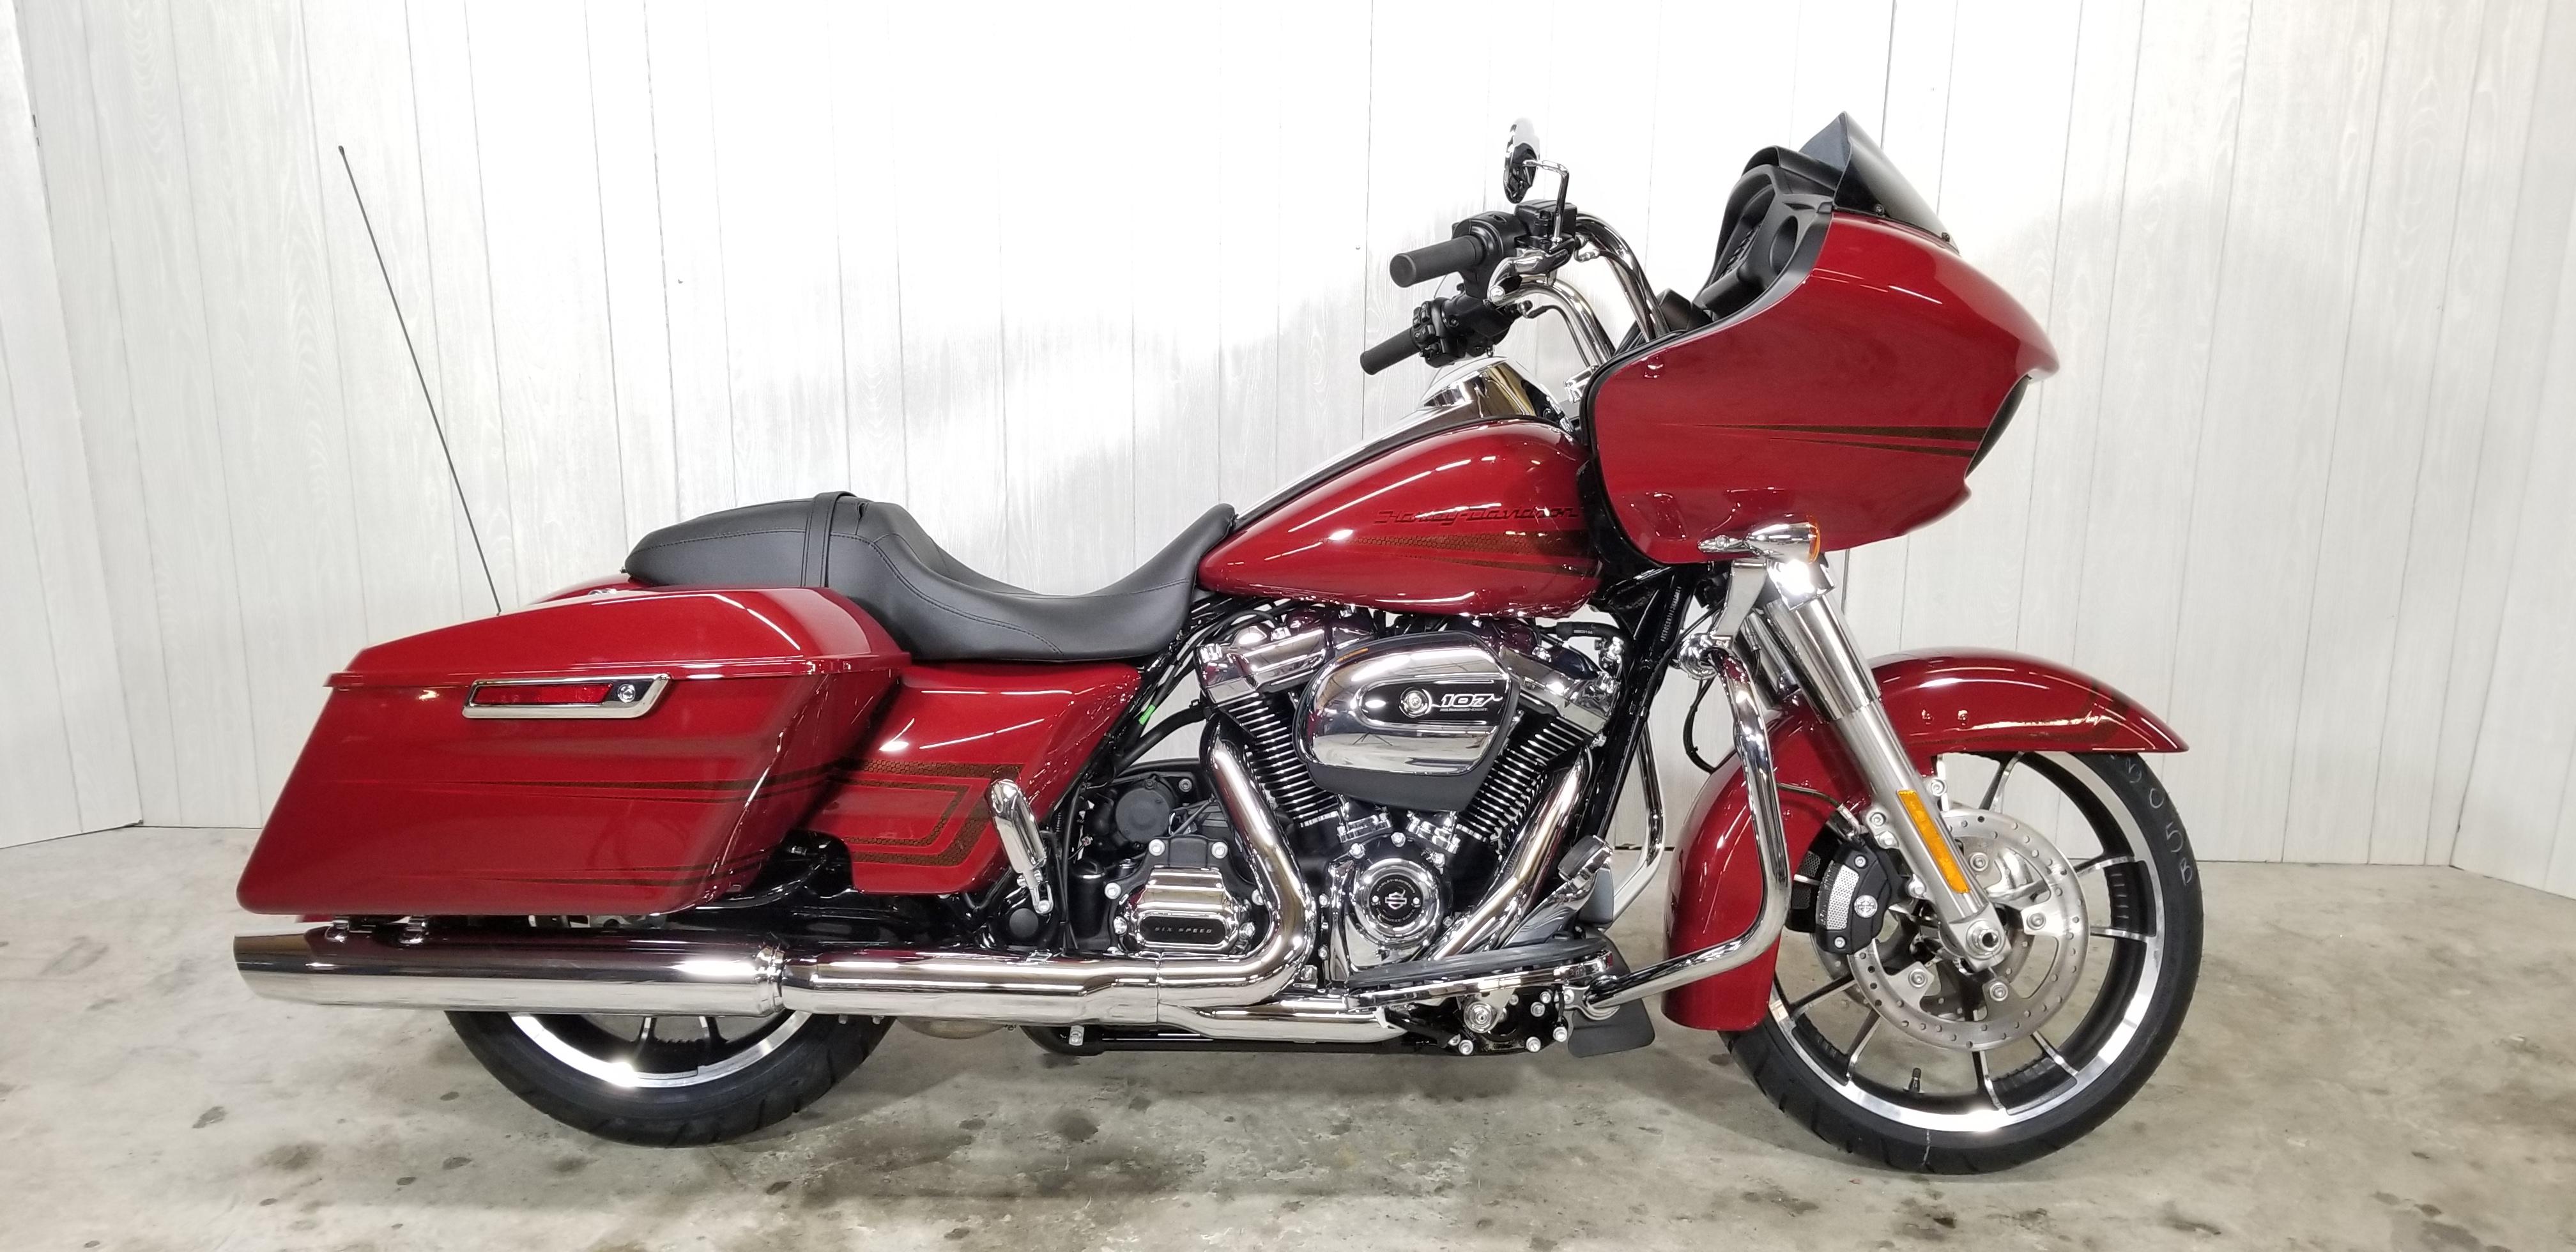 Venom Motorcycle Bike Bead Breaker Tire Wheel Changer For Harley Davidson FLTR Road Glide Custom